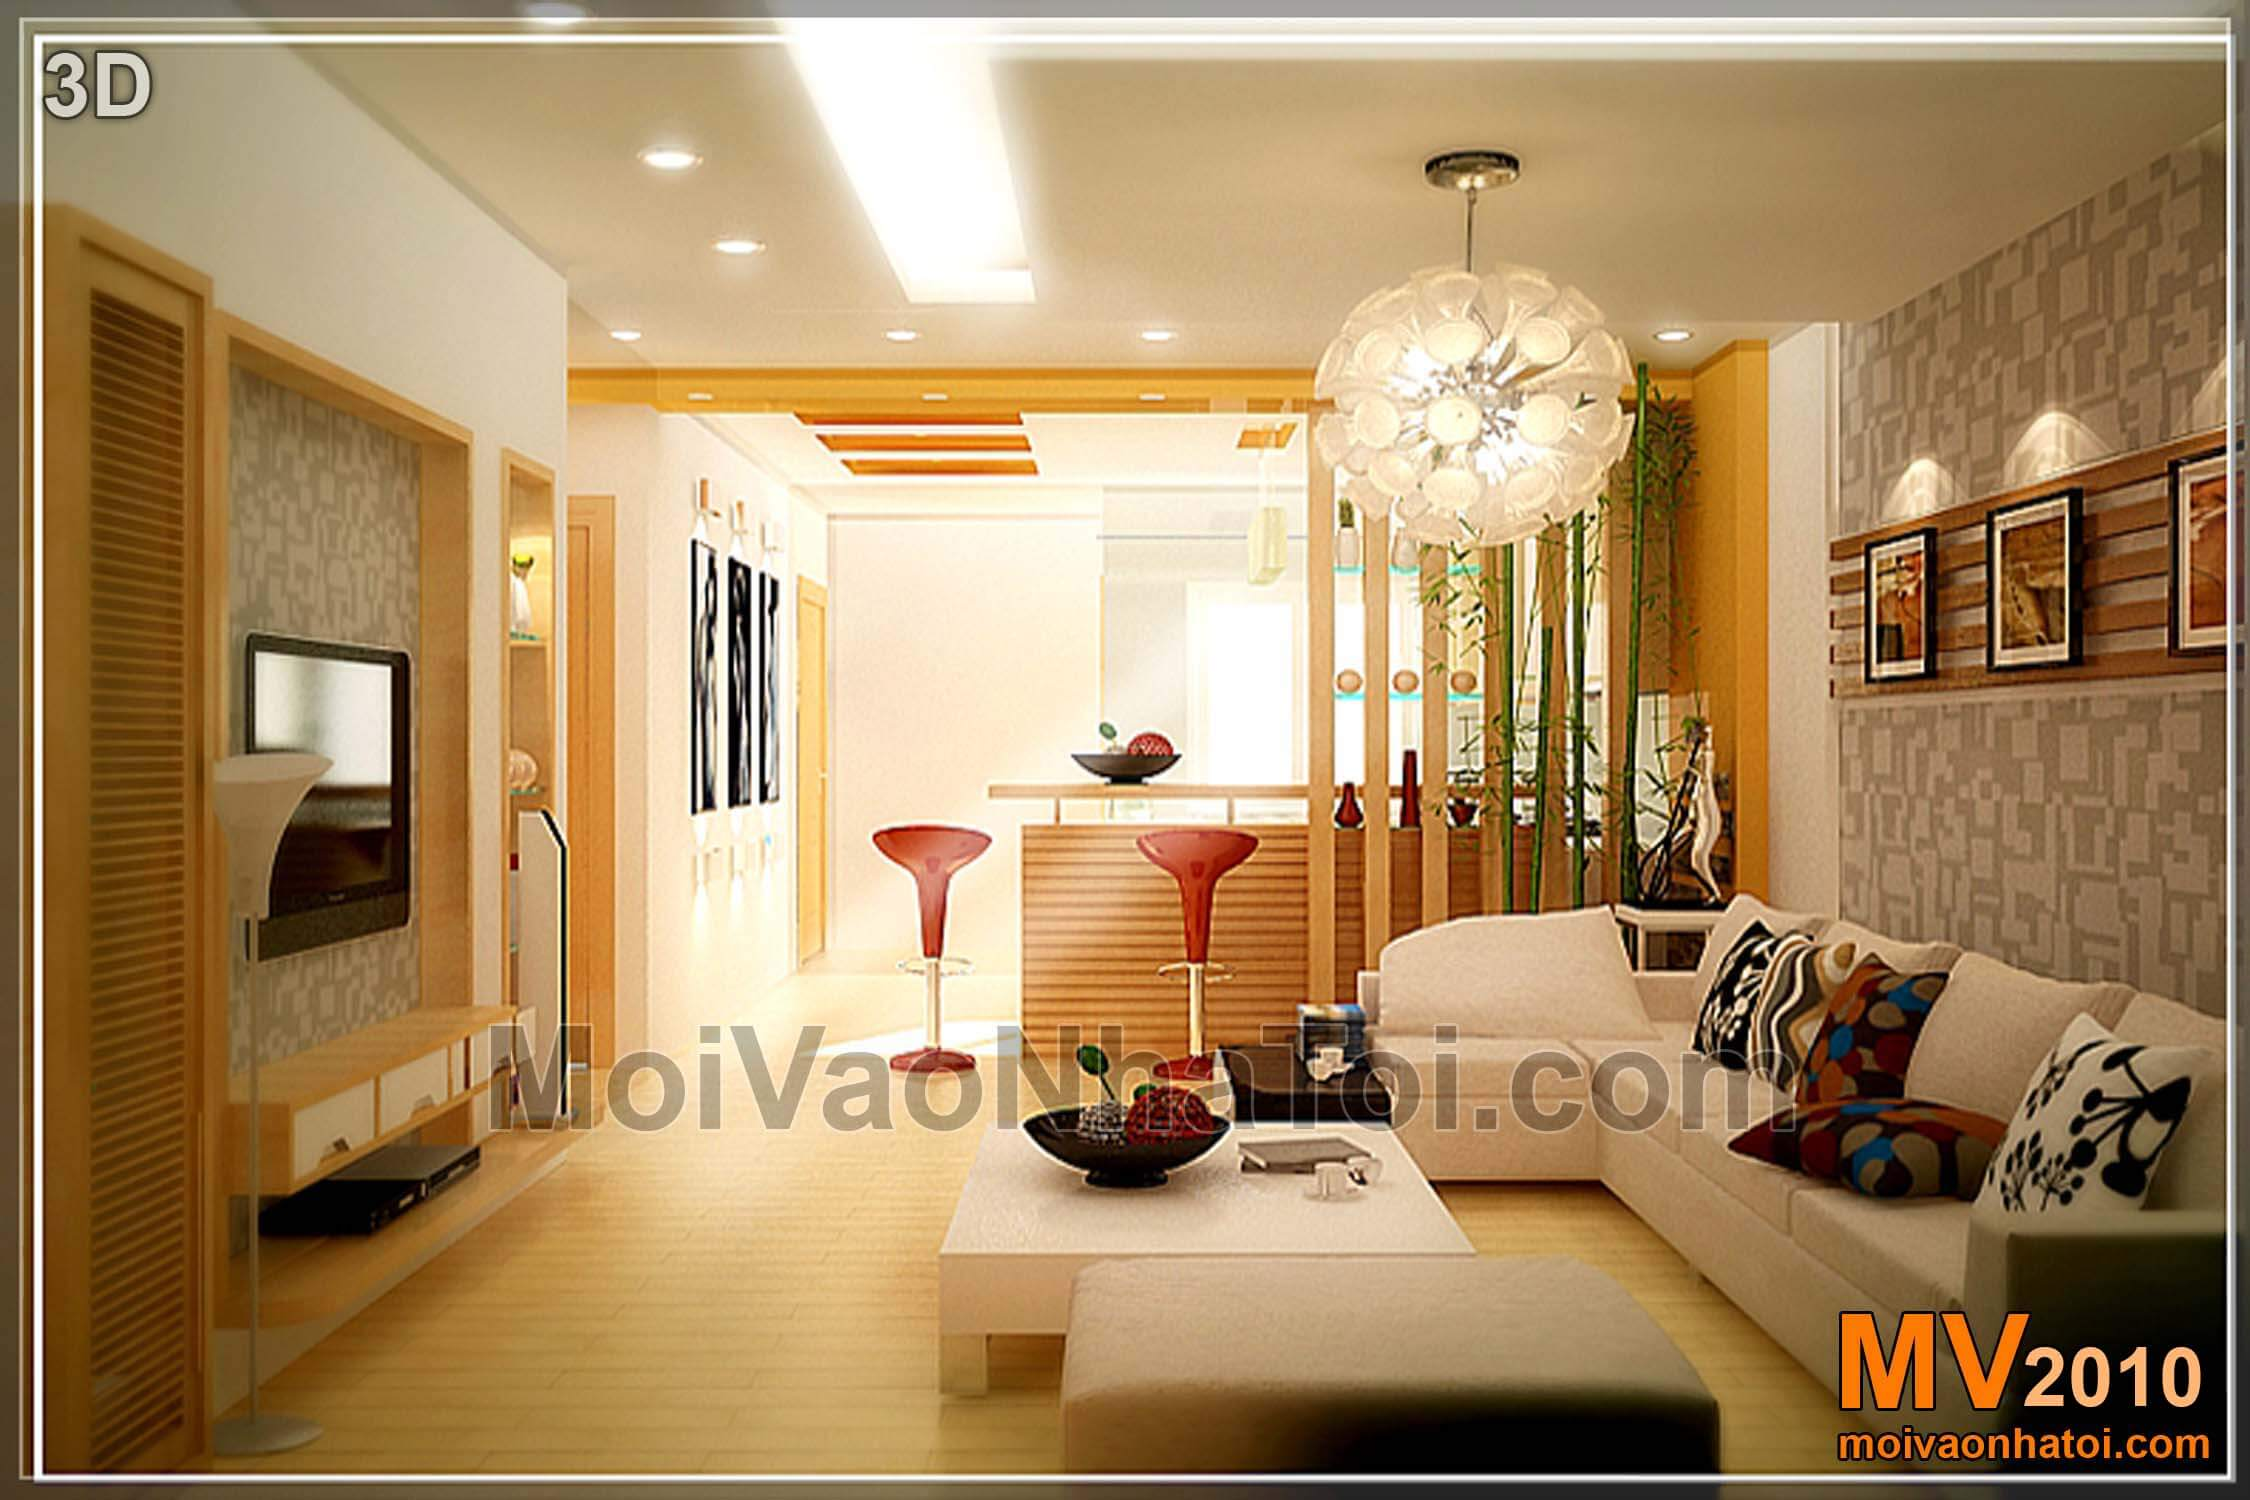 Thiết kế chung cư Việt Hưng đẹp nổi bật sau khi sửa